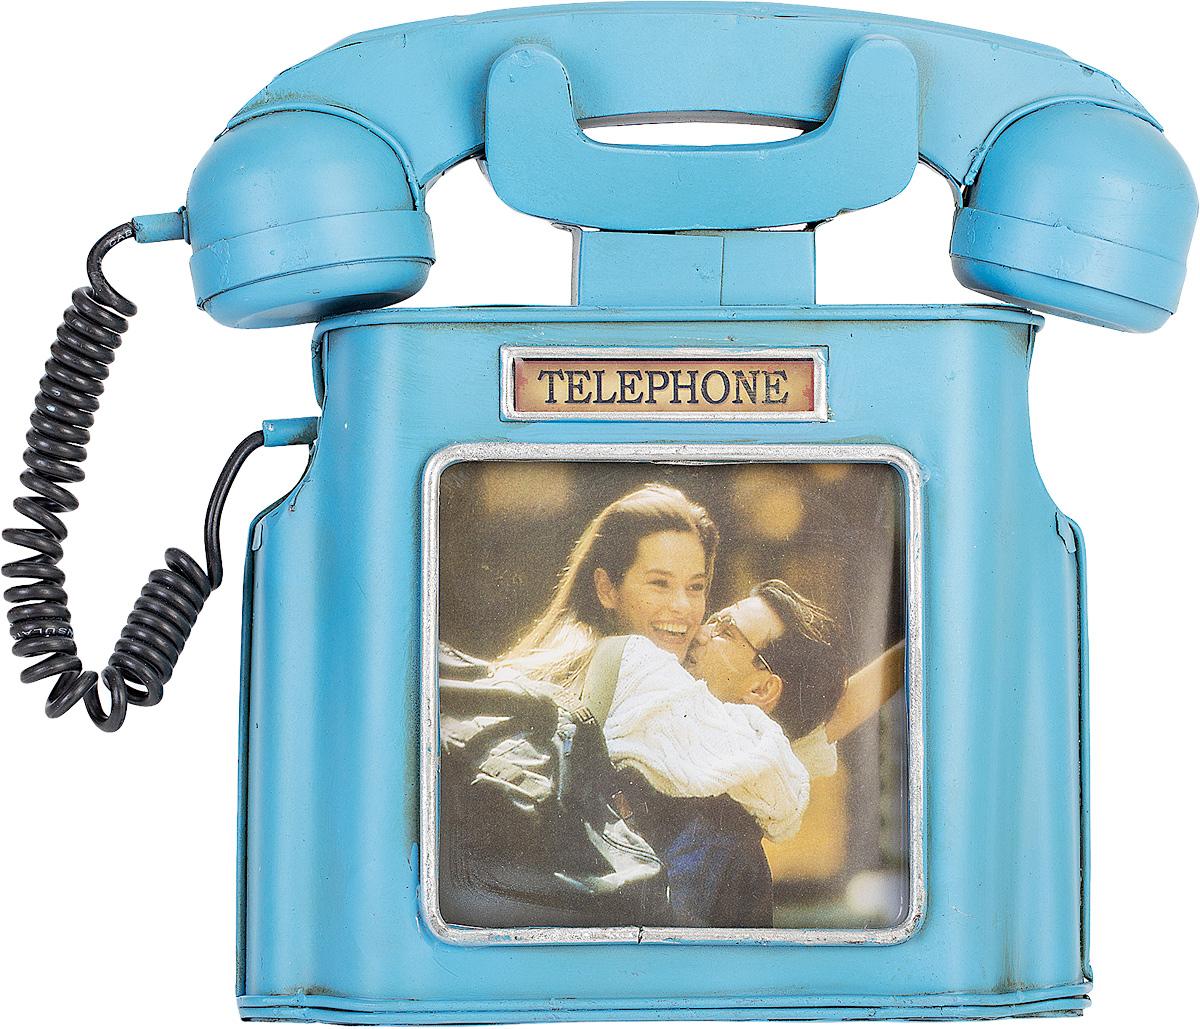 Фоторамка Platinum Телефон, 10 х 10 см1404B-1348Фоторамка Platinum Телефон выполнена в классическом стиле из высококачественного металла. Такая фоторамка поможет вам оригинально и стильно дополнить интерьер помещения, а также позволит сохранить память о дорогих вам людях и интересных событиях вашей жизни.